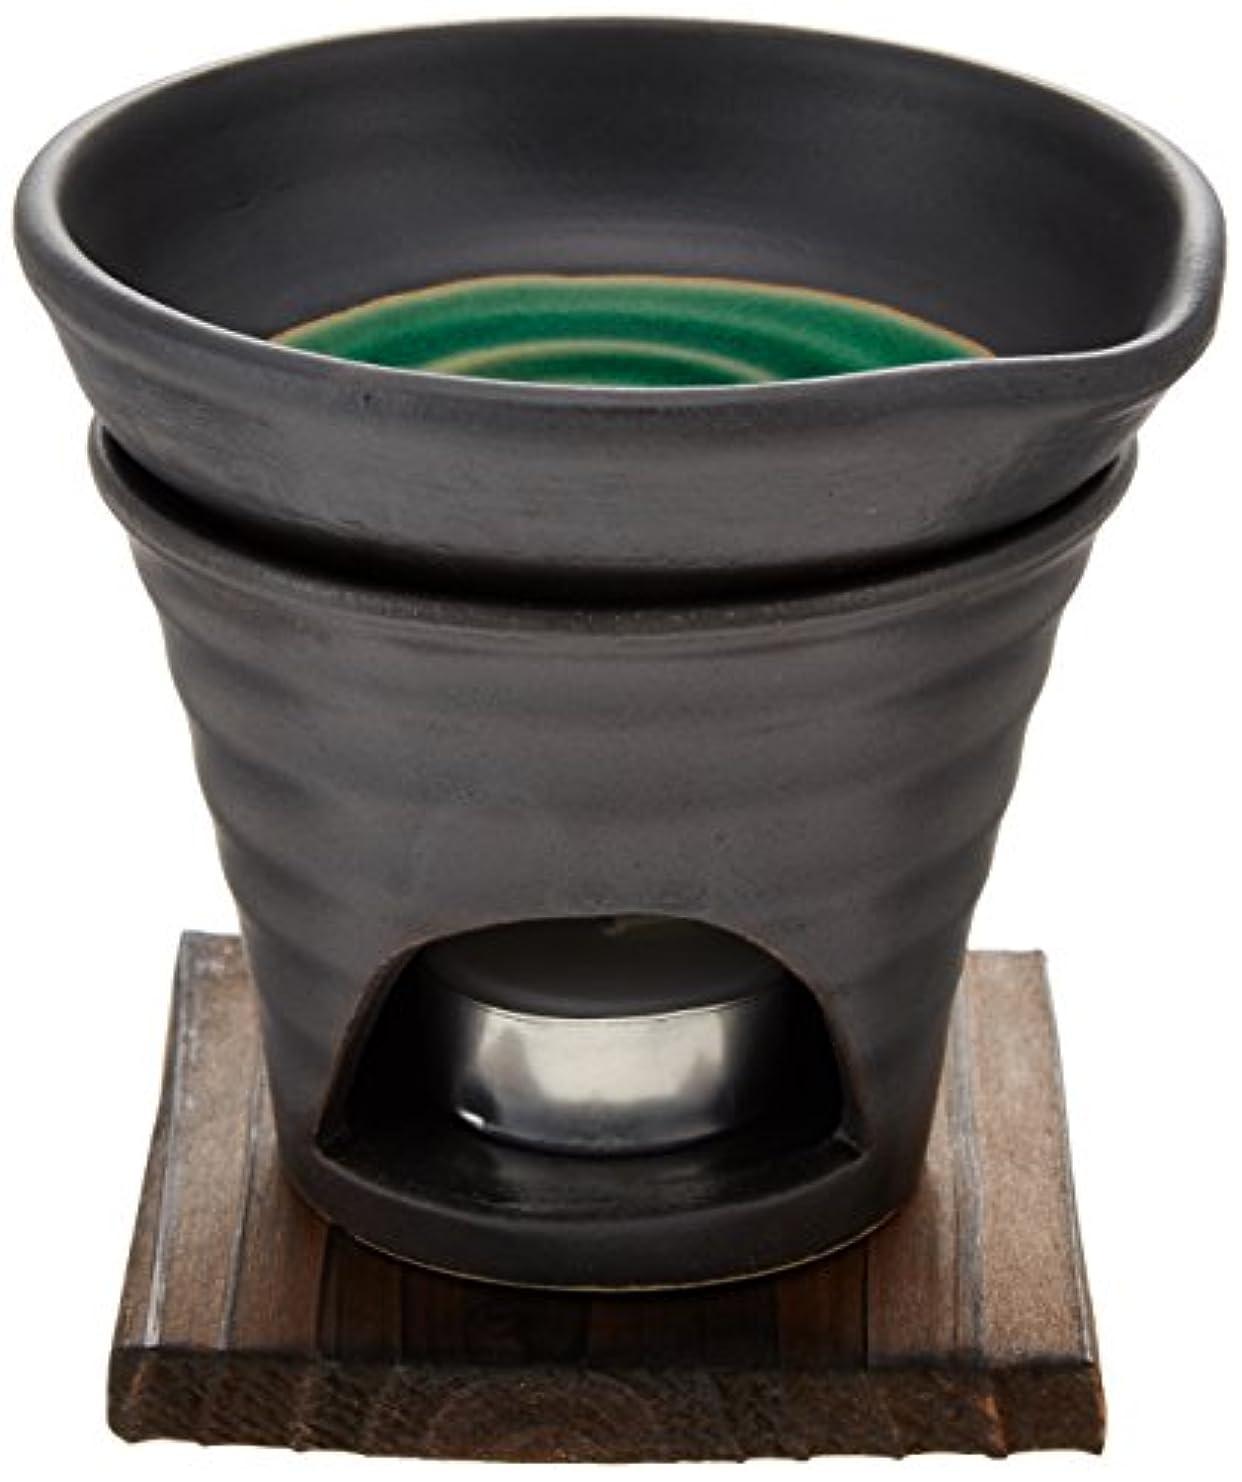 優遇愛人消える香炉 黒釉 茶香炉(緑) [R11.8xH11.5cm] HANDMADE プレゼント ギフト 和食器 かわいい インテリア